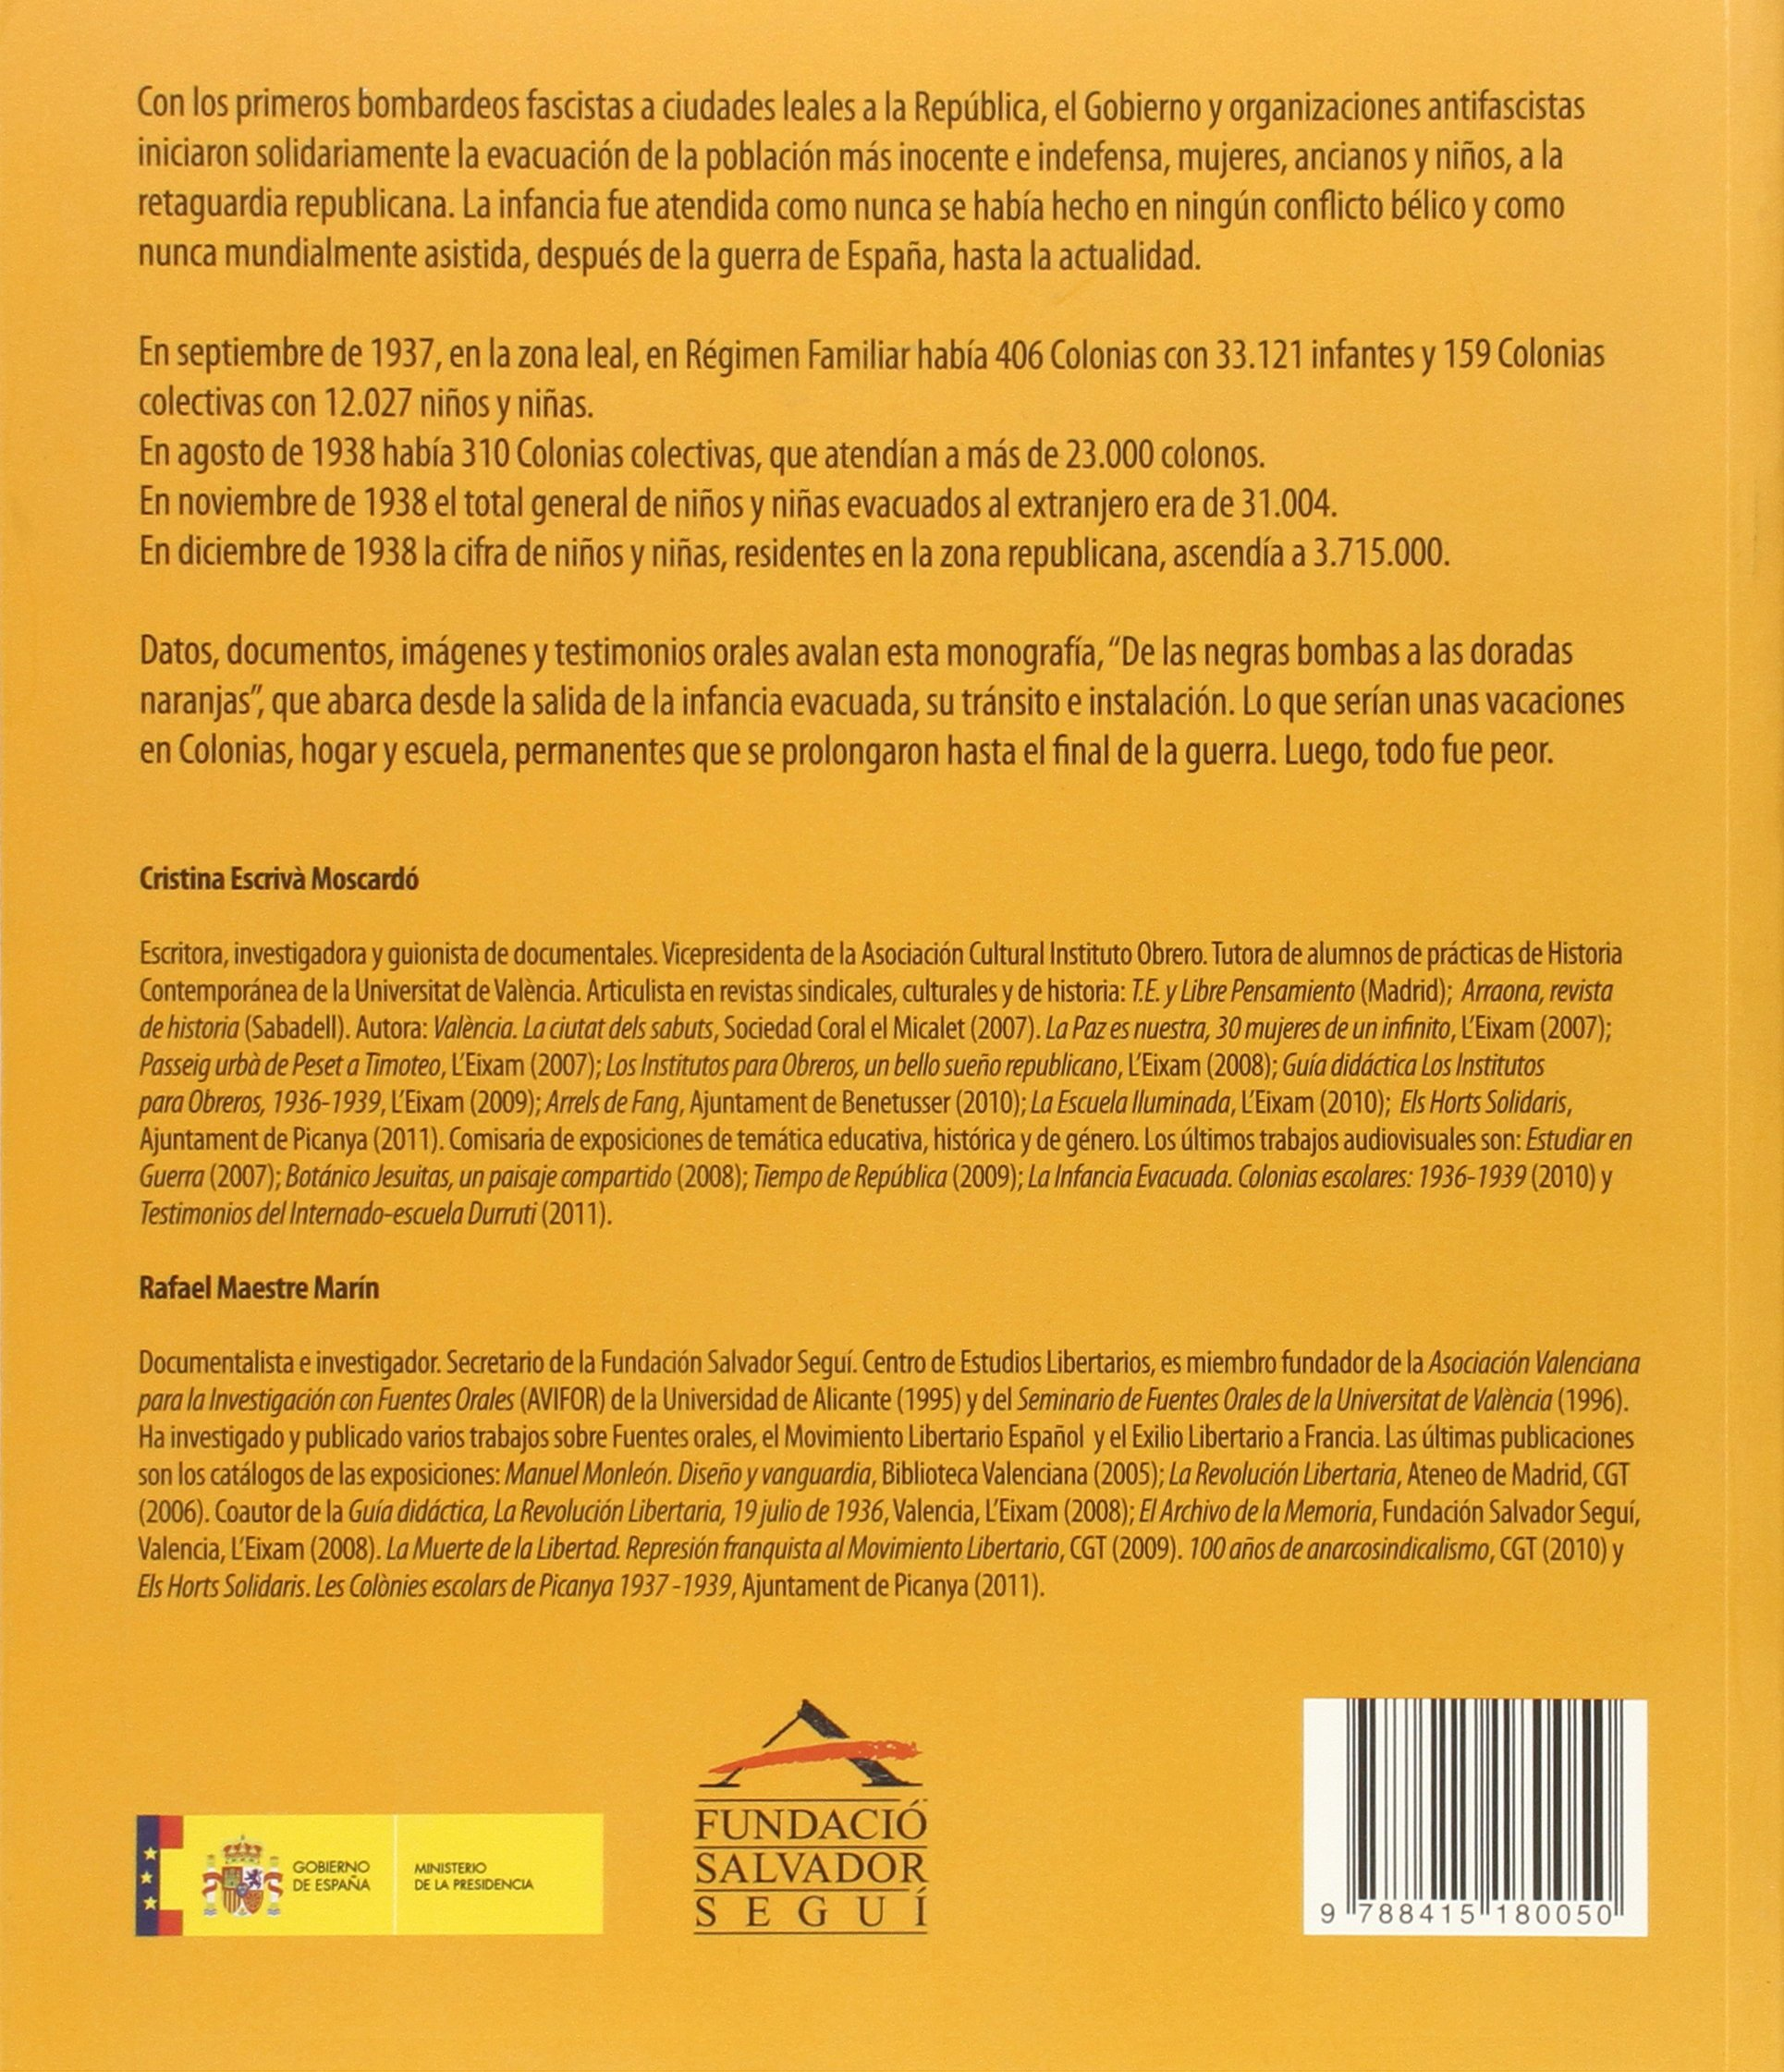 De las negras bombas a las doradas naranjas (1936-1939) : colonias escolares: Cristina Escrivà Moscardó, Rafael Maestre Marín: 9788415180050: Amazon.com: ...